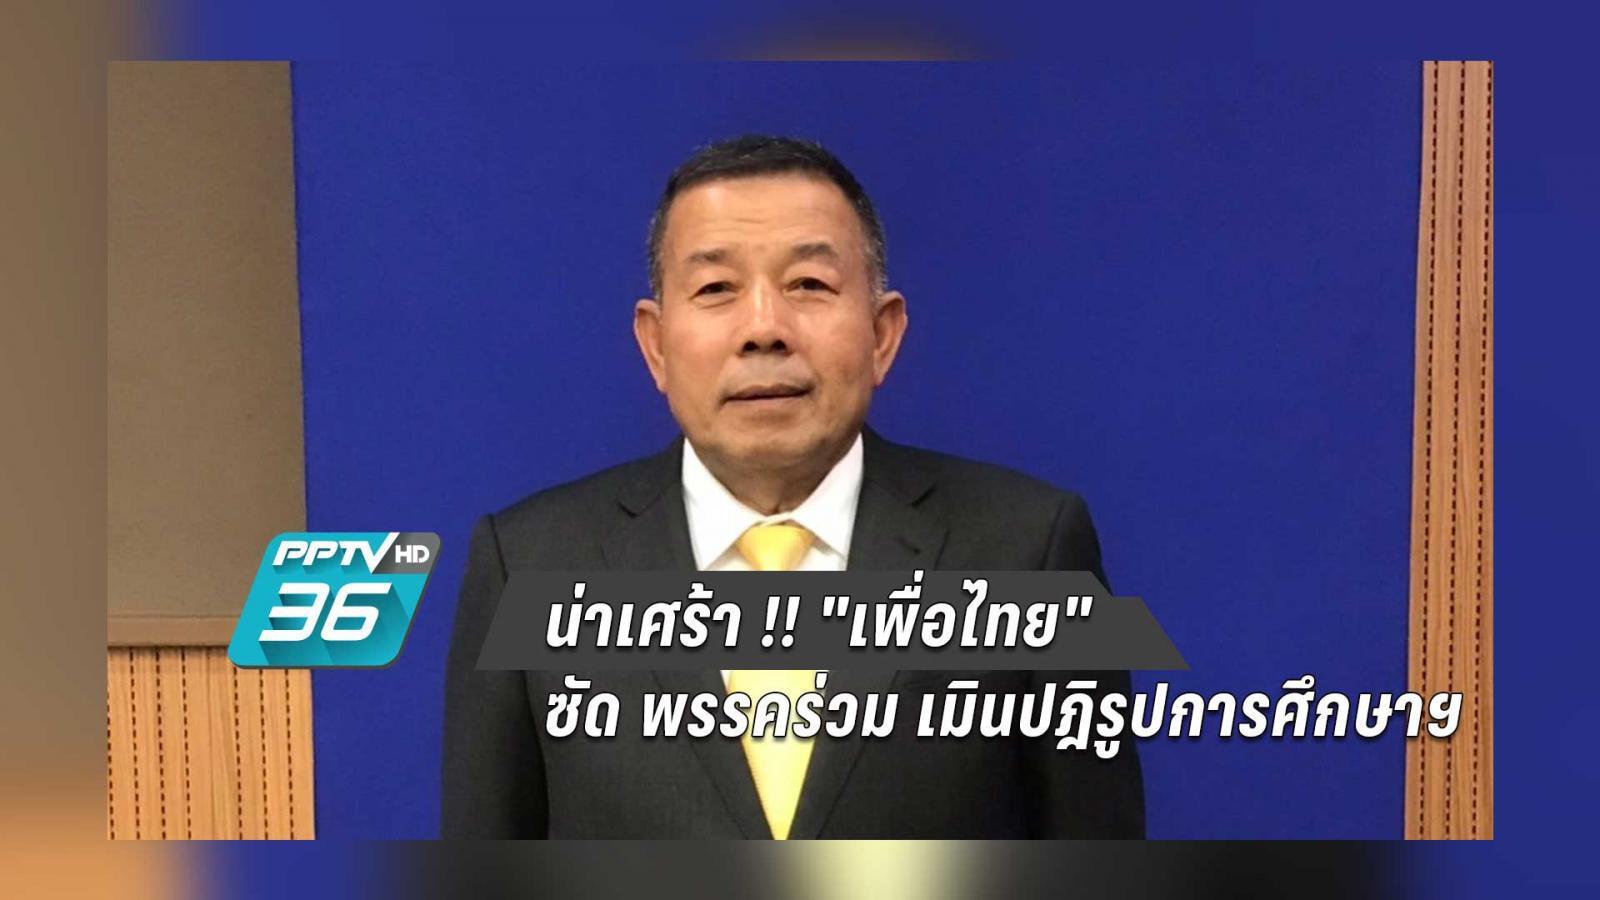 """น่าเศร้า !! """"เพื่อไทย"""" ซัด พรรคร่วม เมินปฎิรูปการศึกษาฯ"""